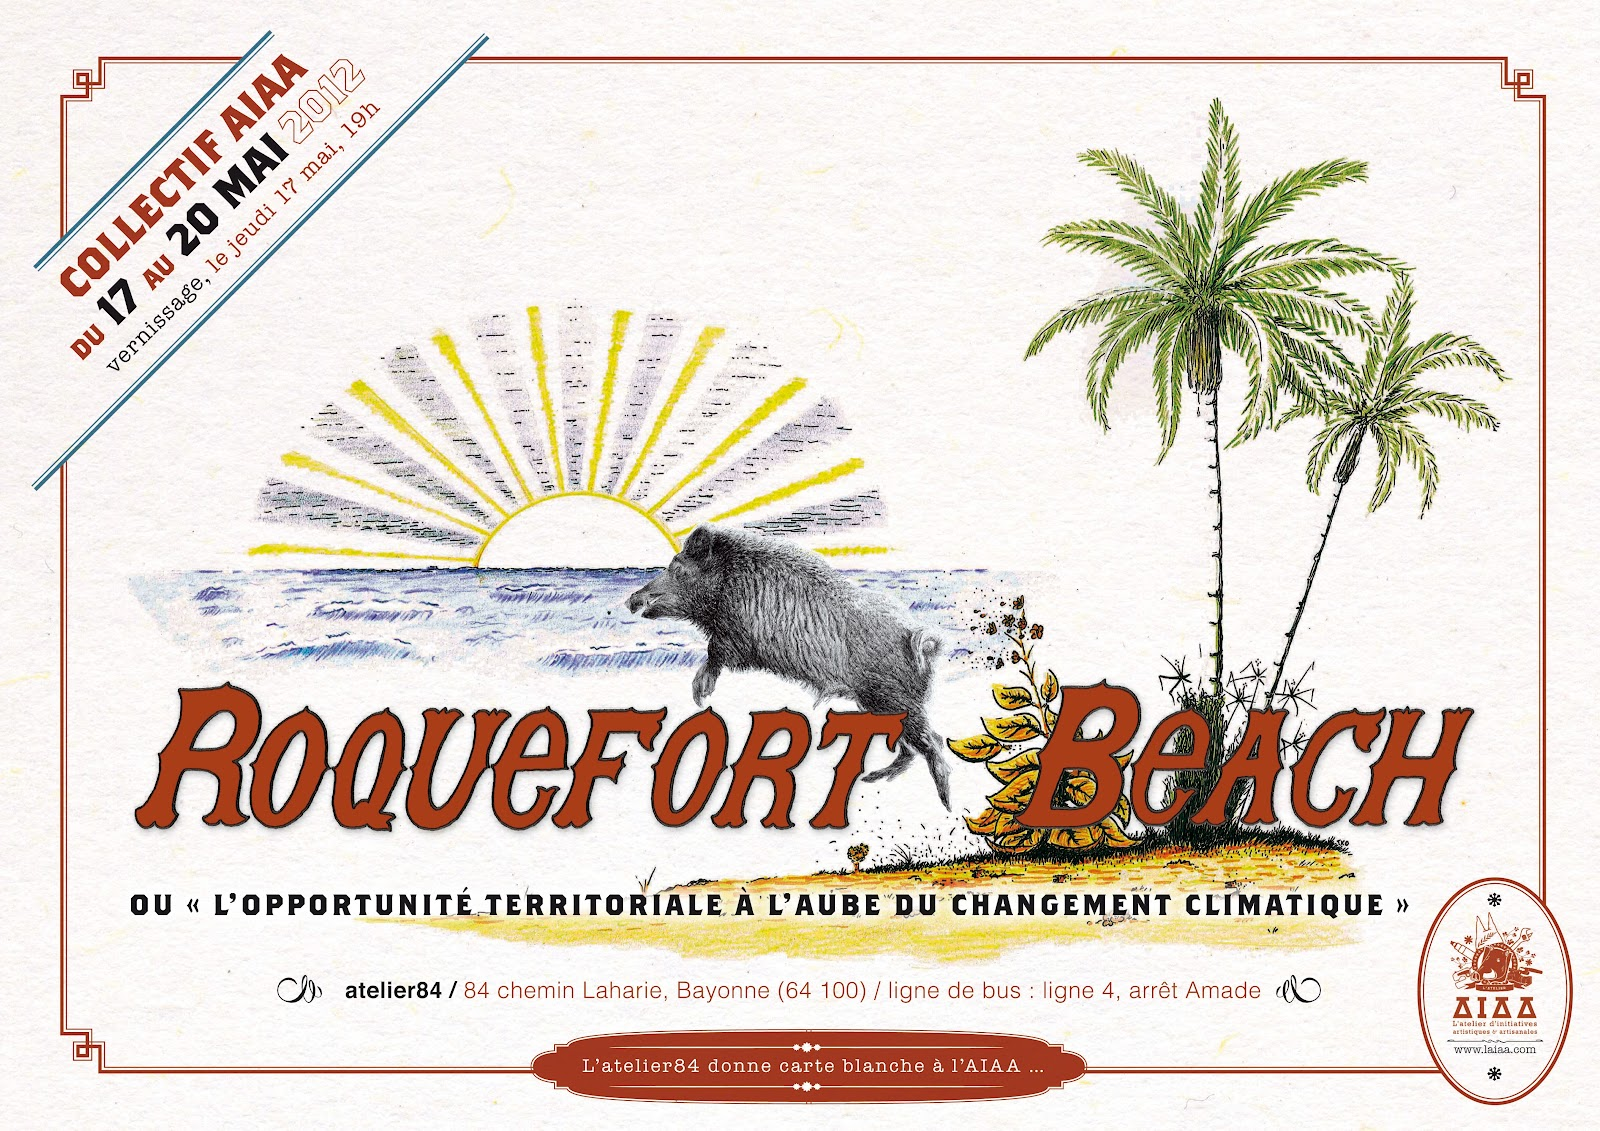 Roquefort Beach5.jpg